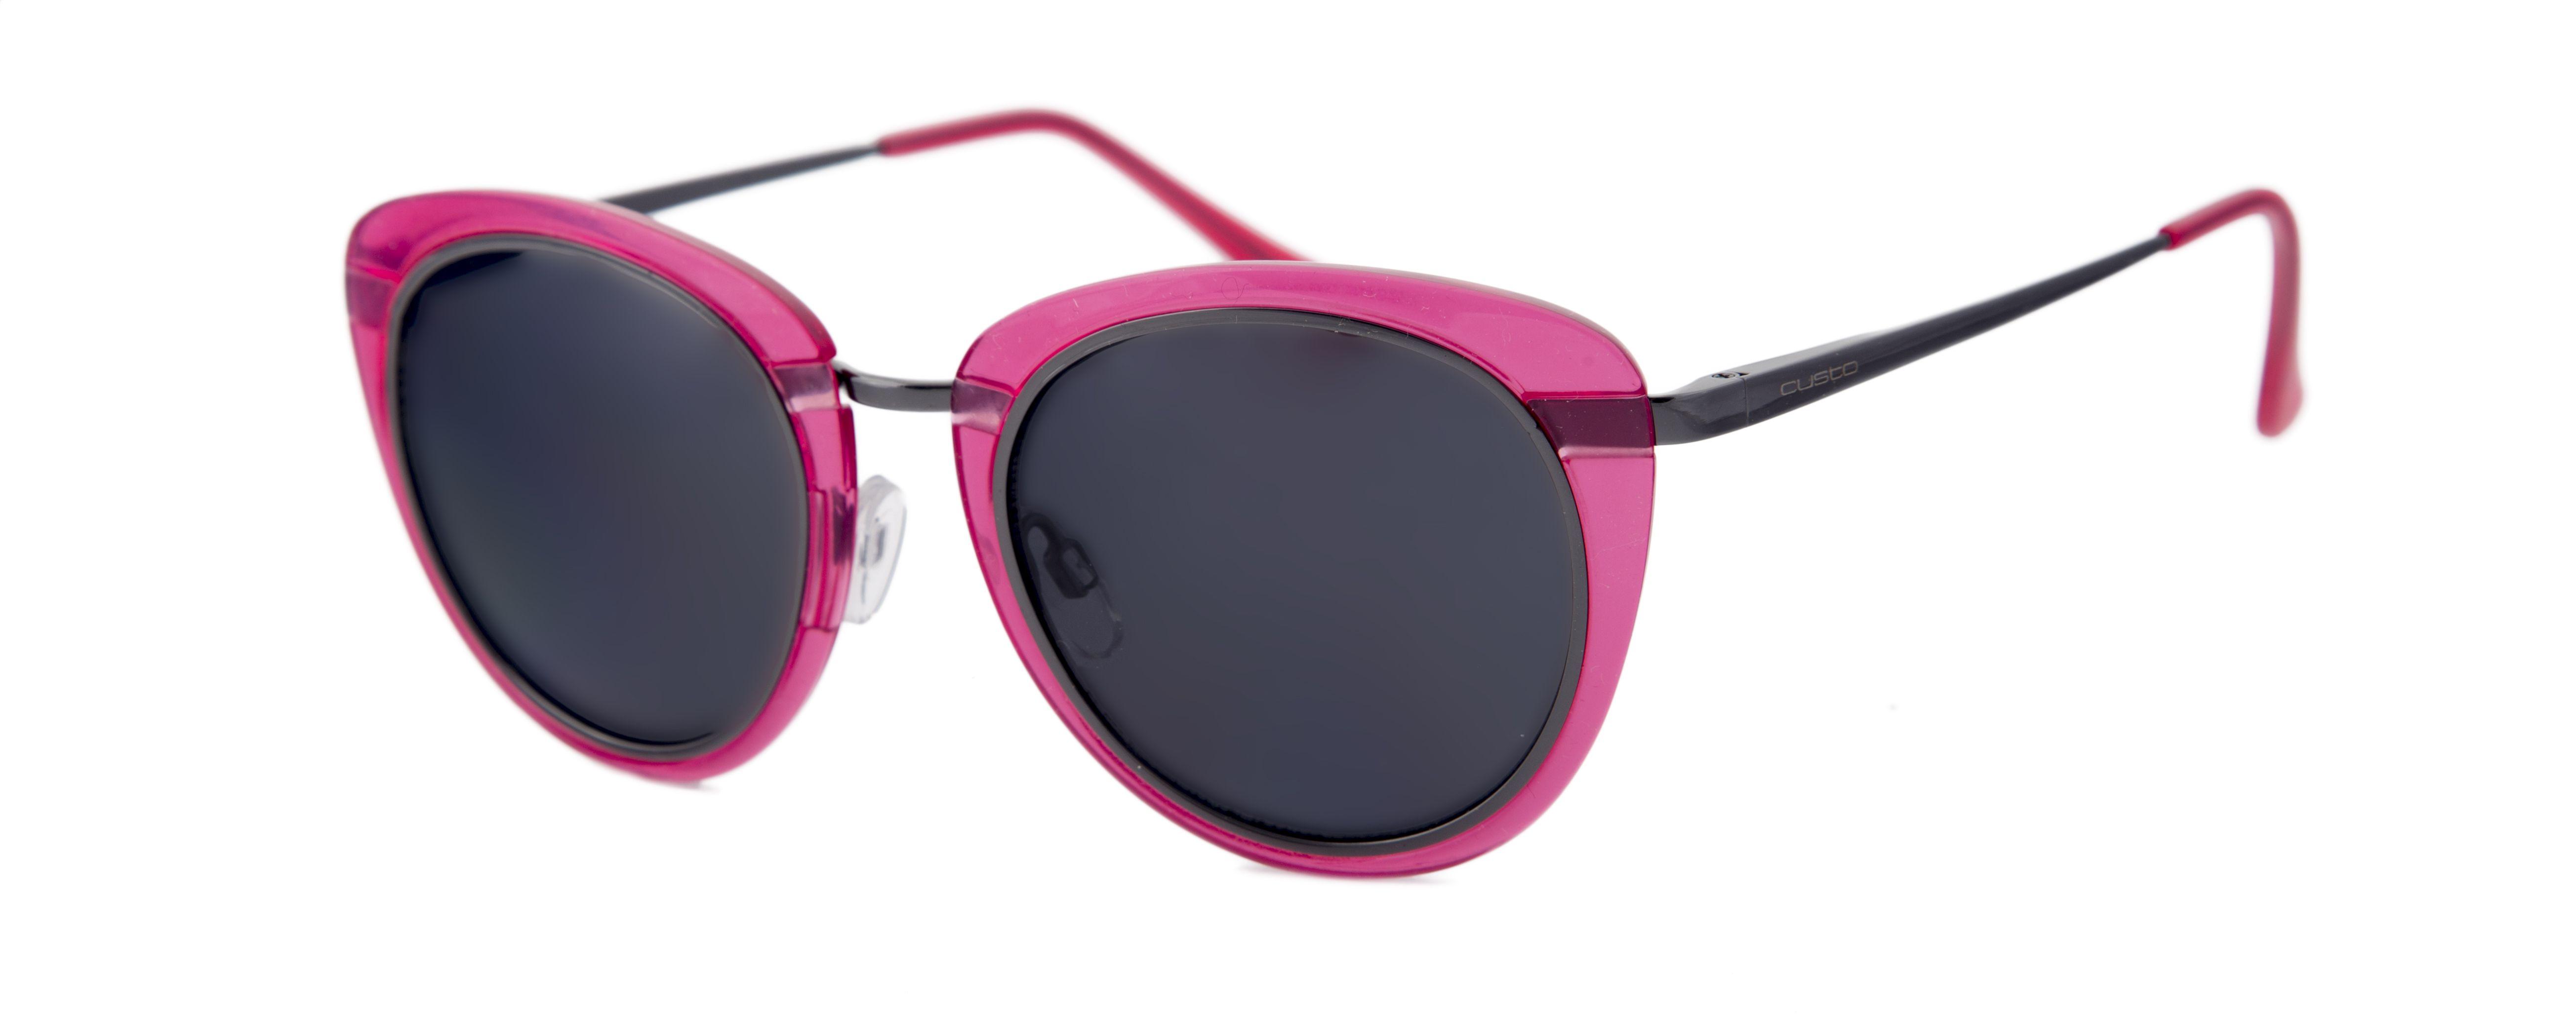 Óculos Custo Barcelona CB 504 50 em exclusivo para a Opticalia ...